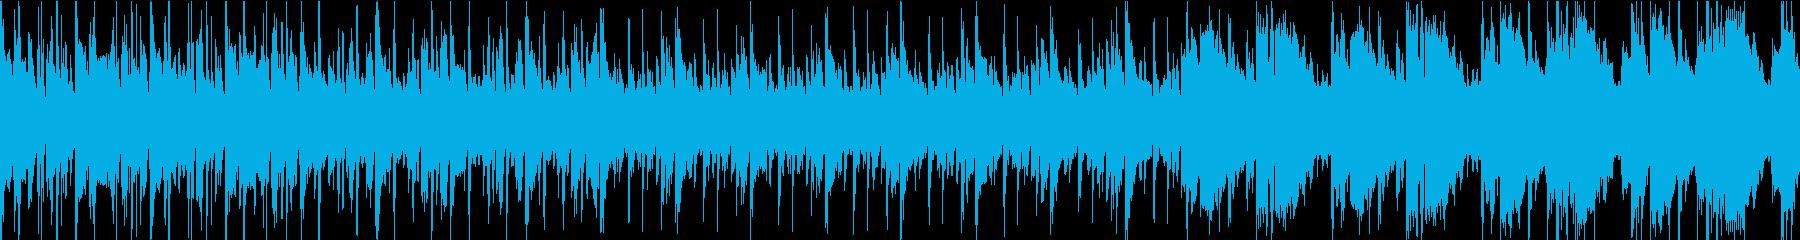 ゆったりしたR&Bの再生済みの波形